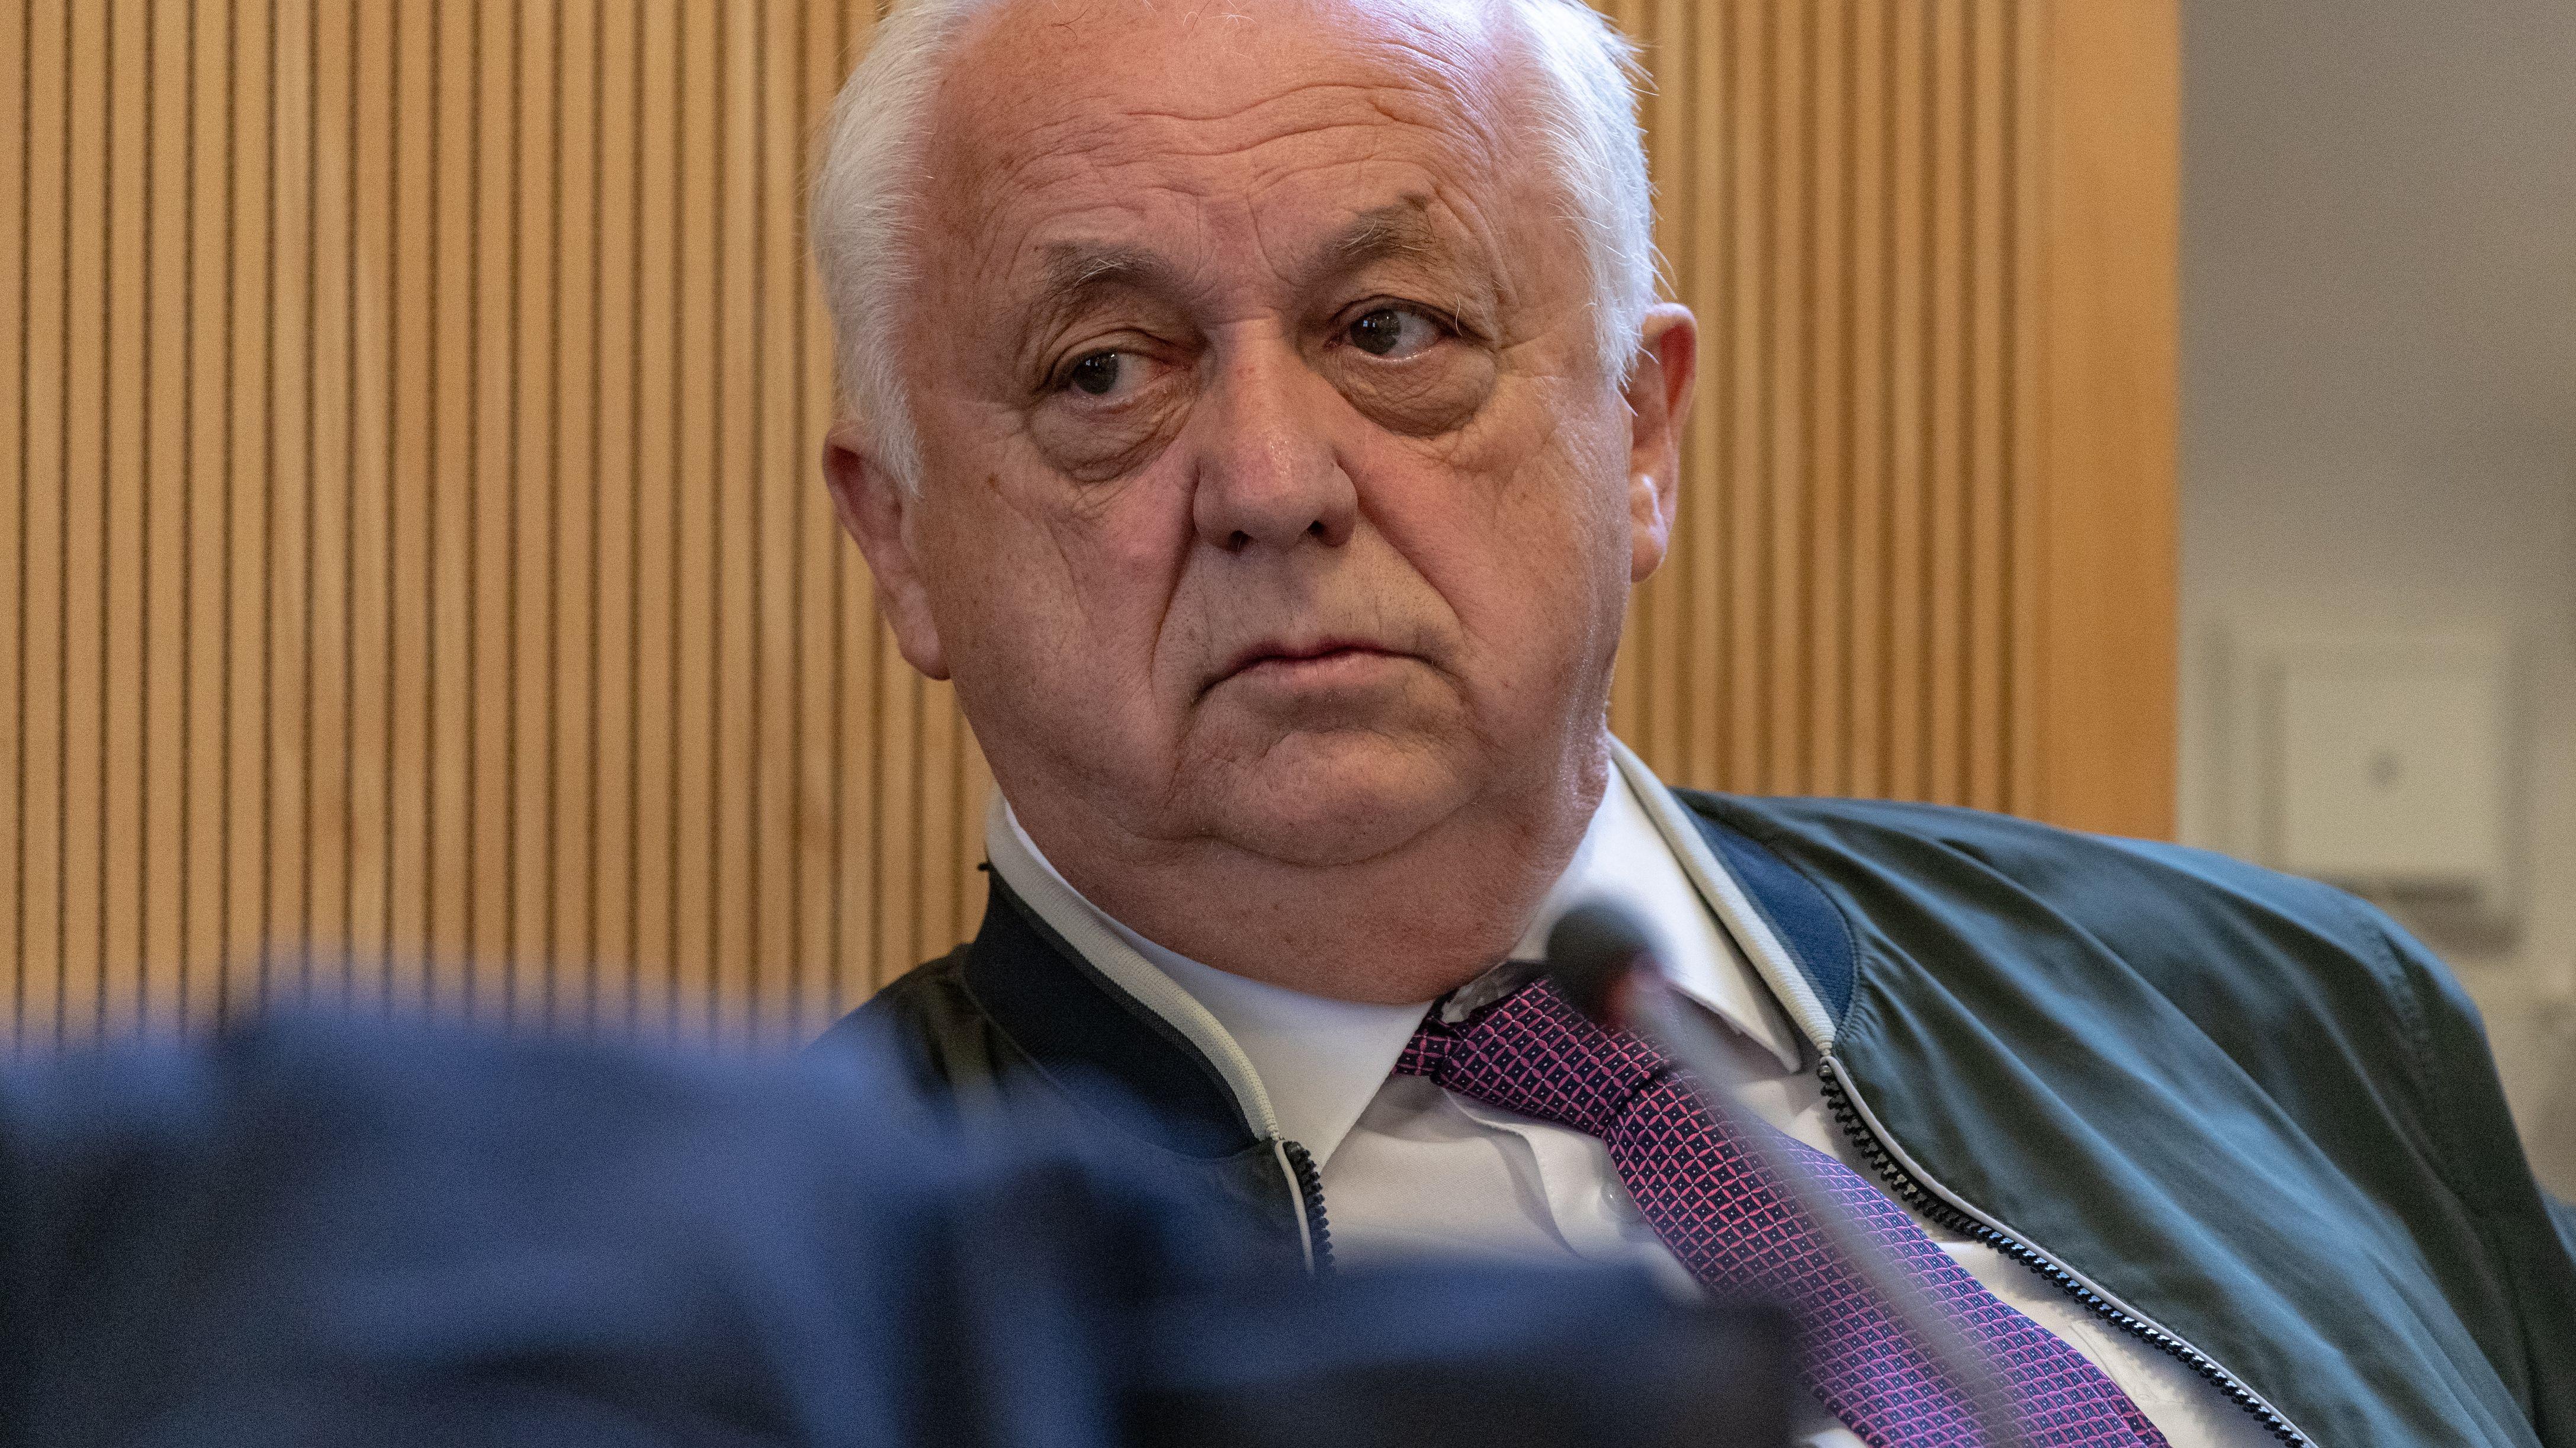 Der frühere Regensburger SPD-Fraktionschef Norbert Hartl. Das Foto stammt aus dem ersten Korruptionsprozess 2019. Damals war Hartl selbst angeklagt.